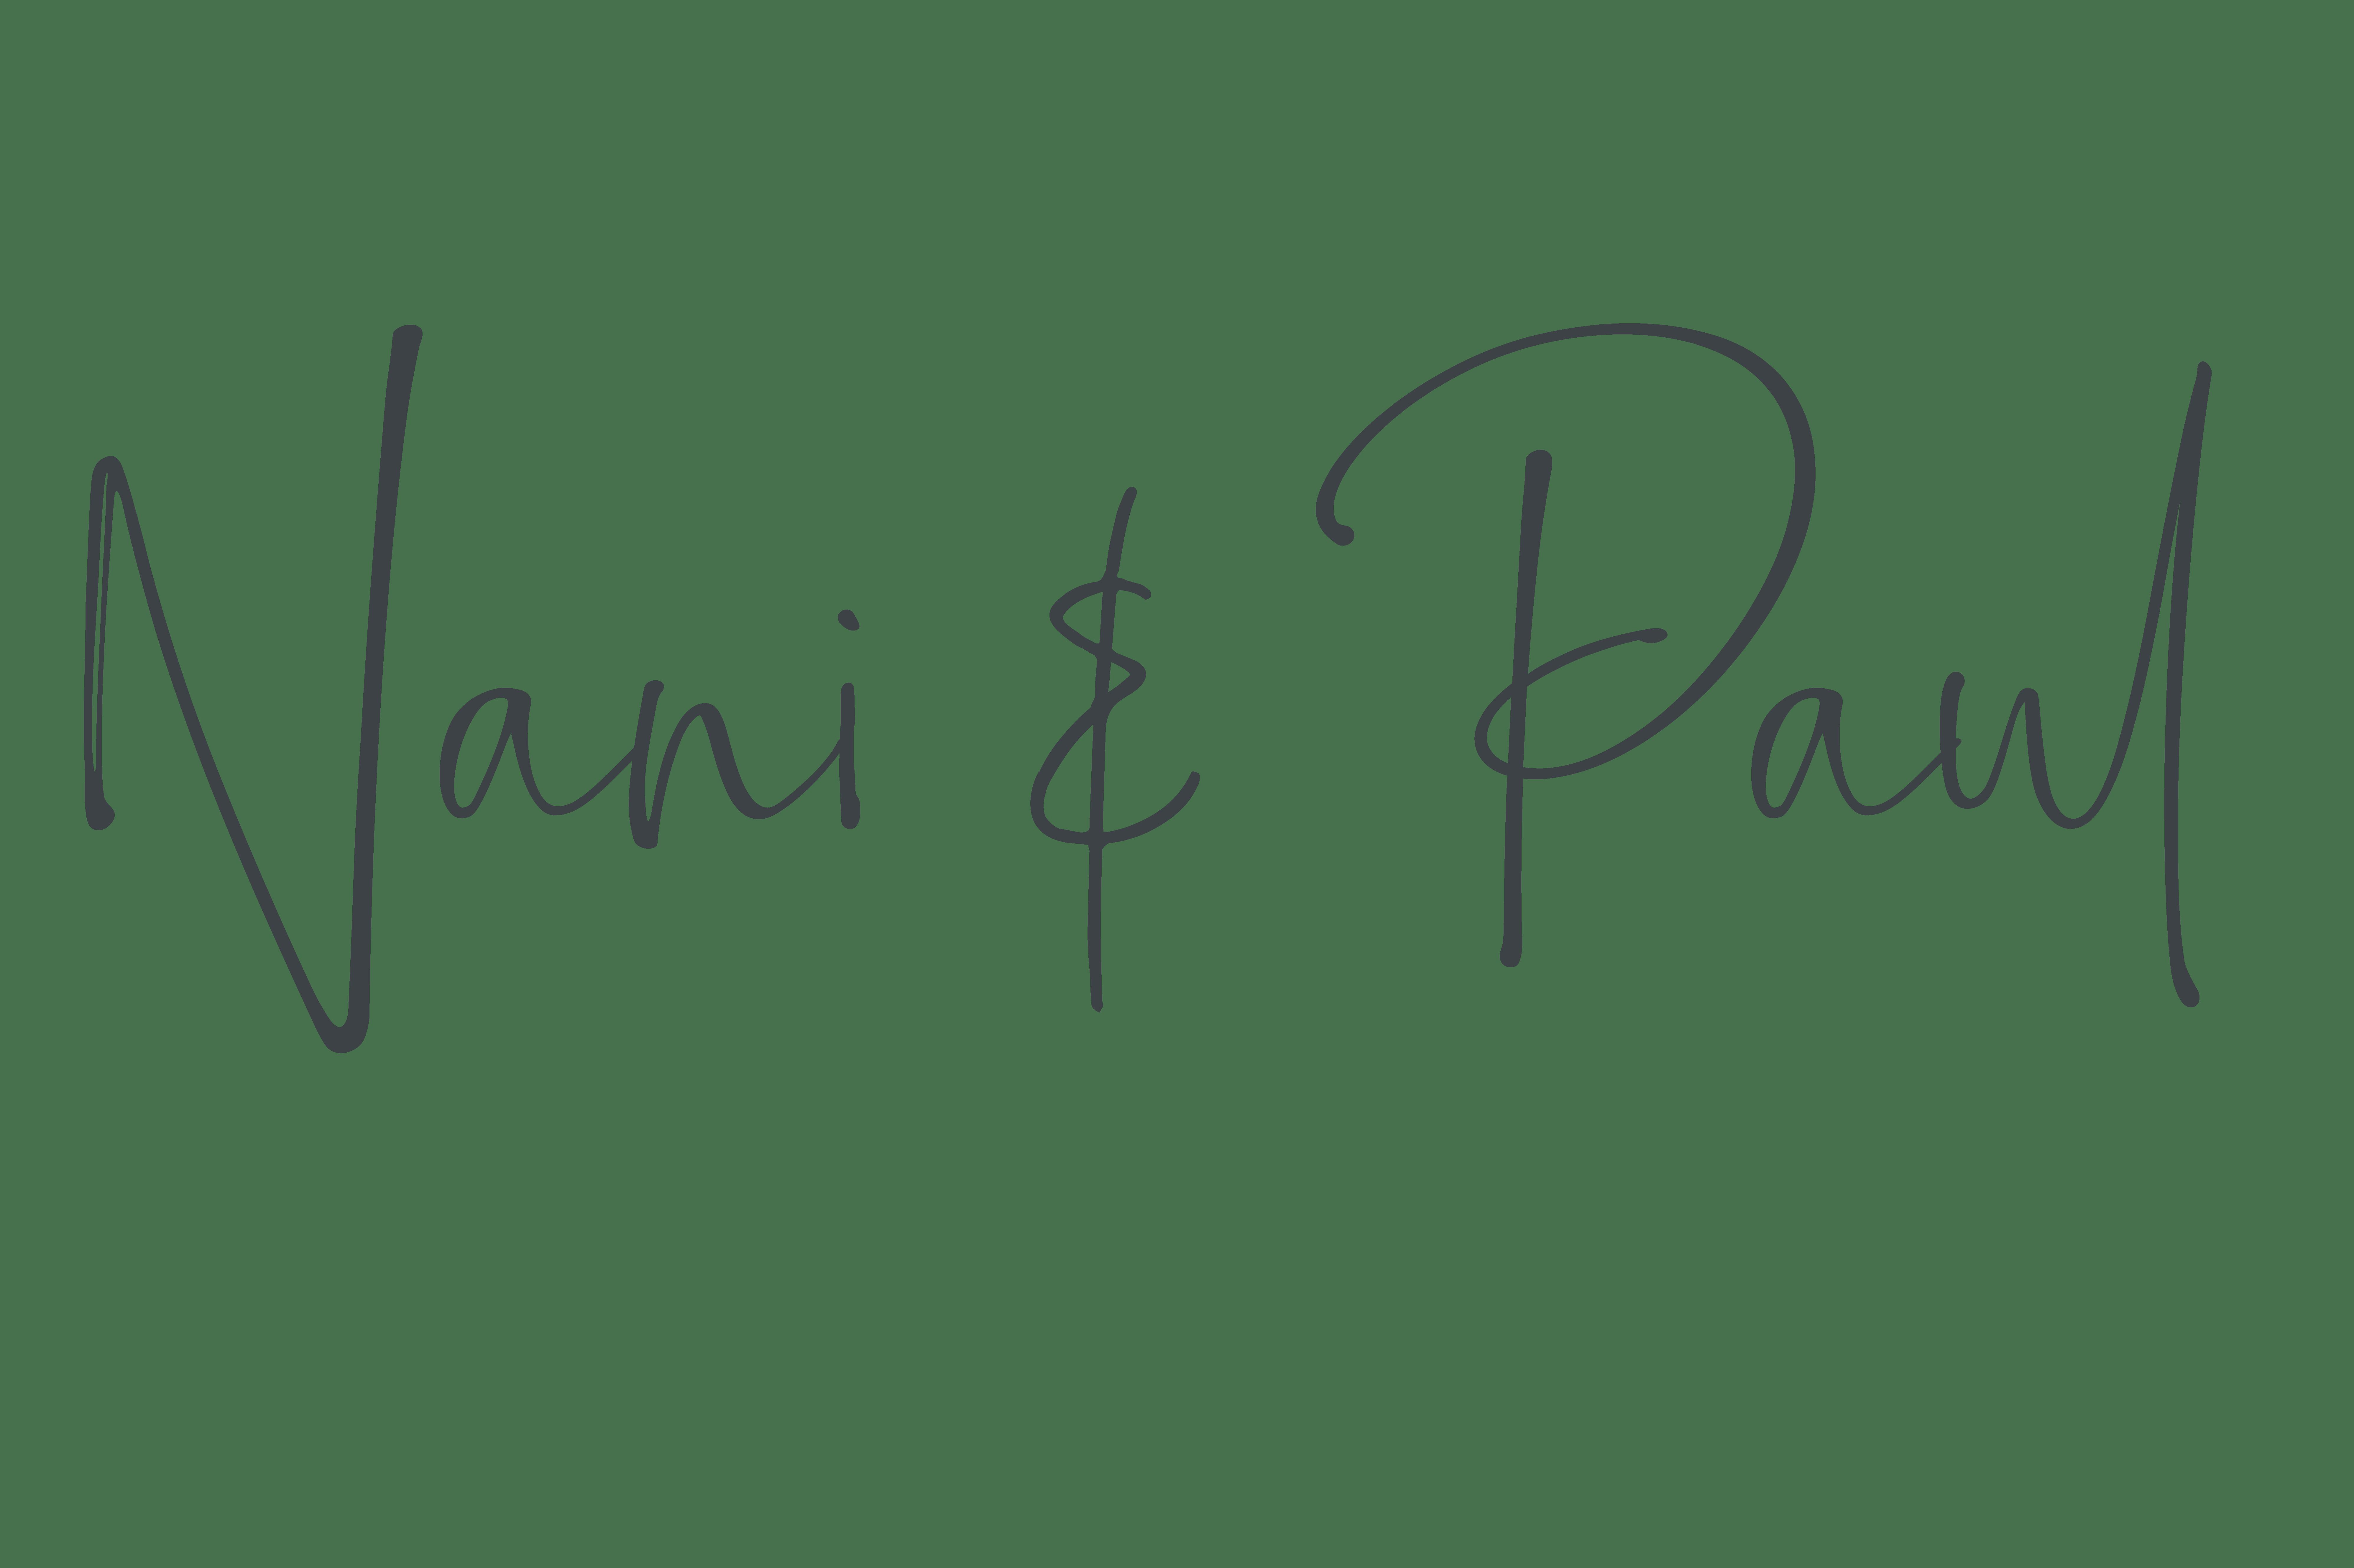 Nani und Paul